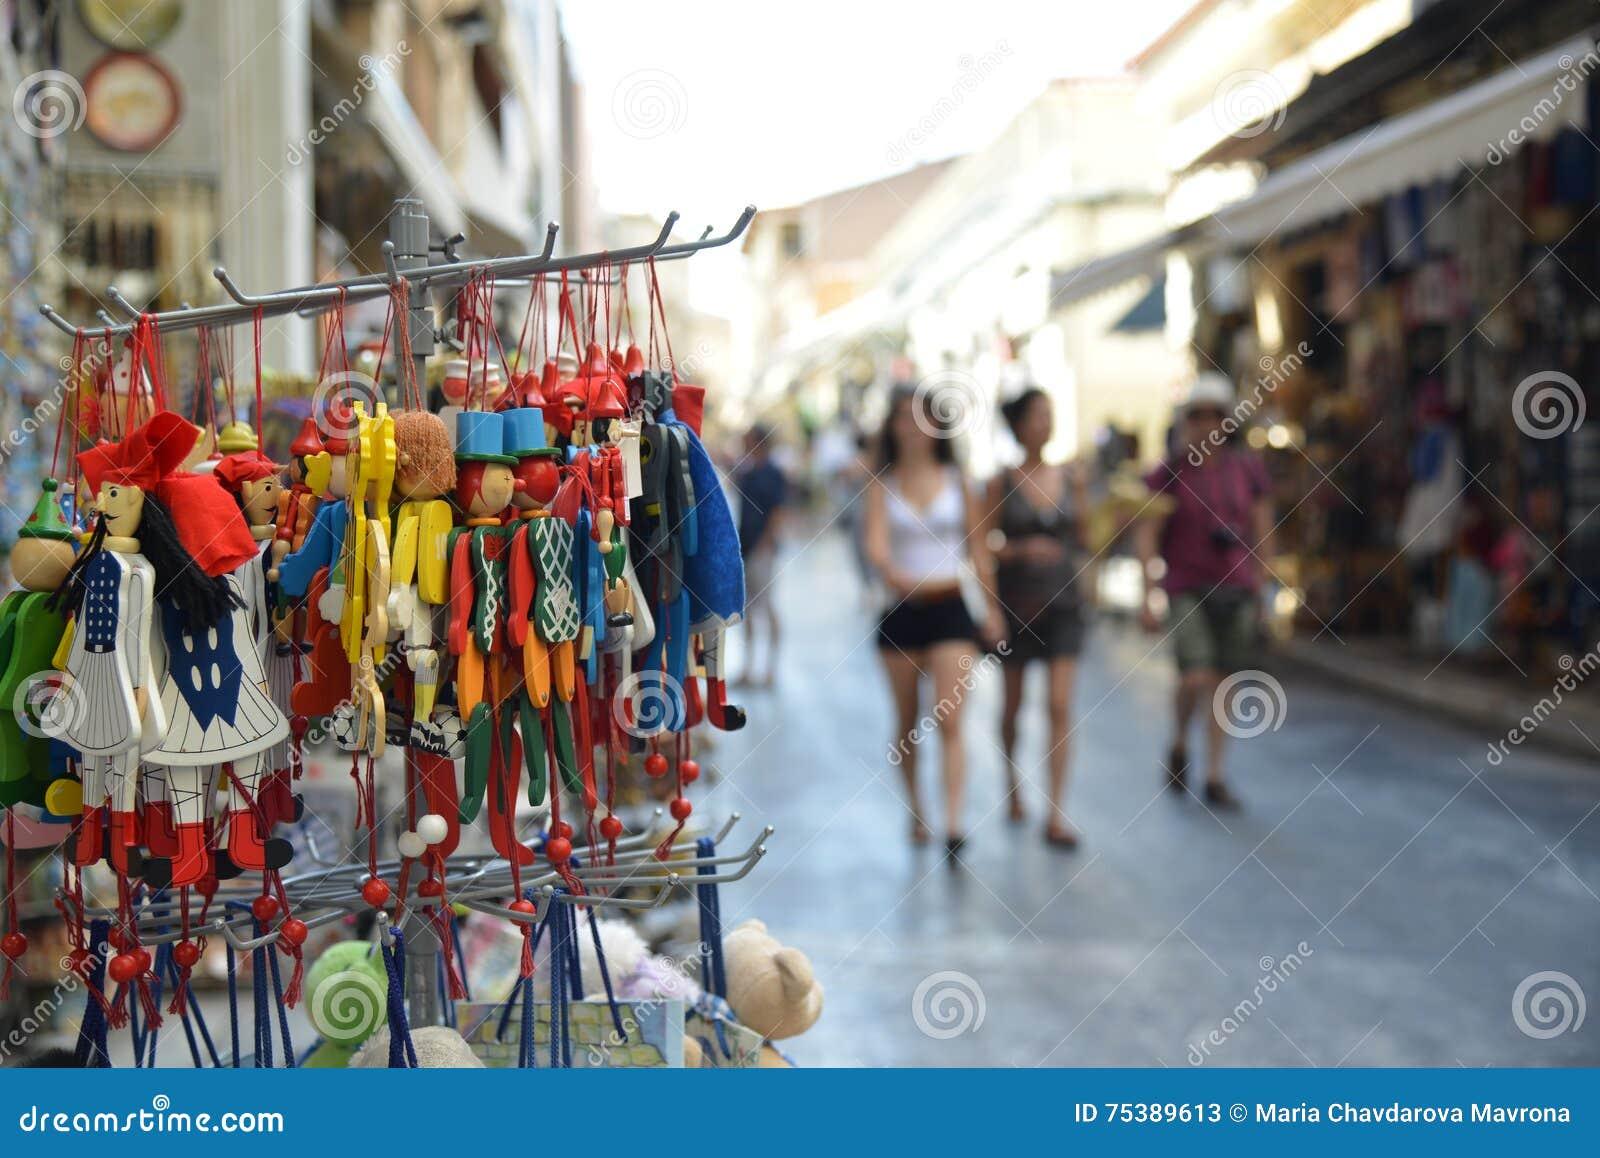 Turism för AtenGrekland Acropolistravel destination